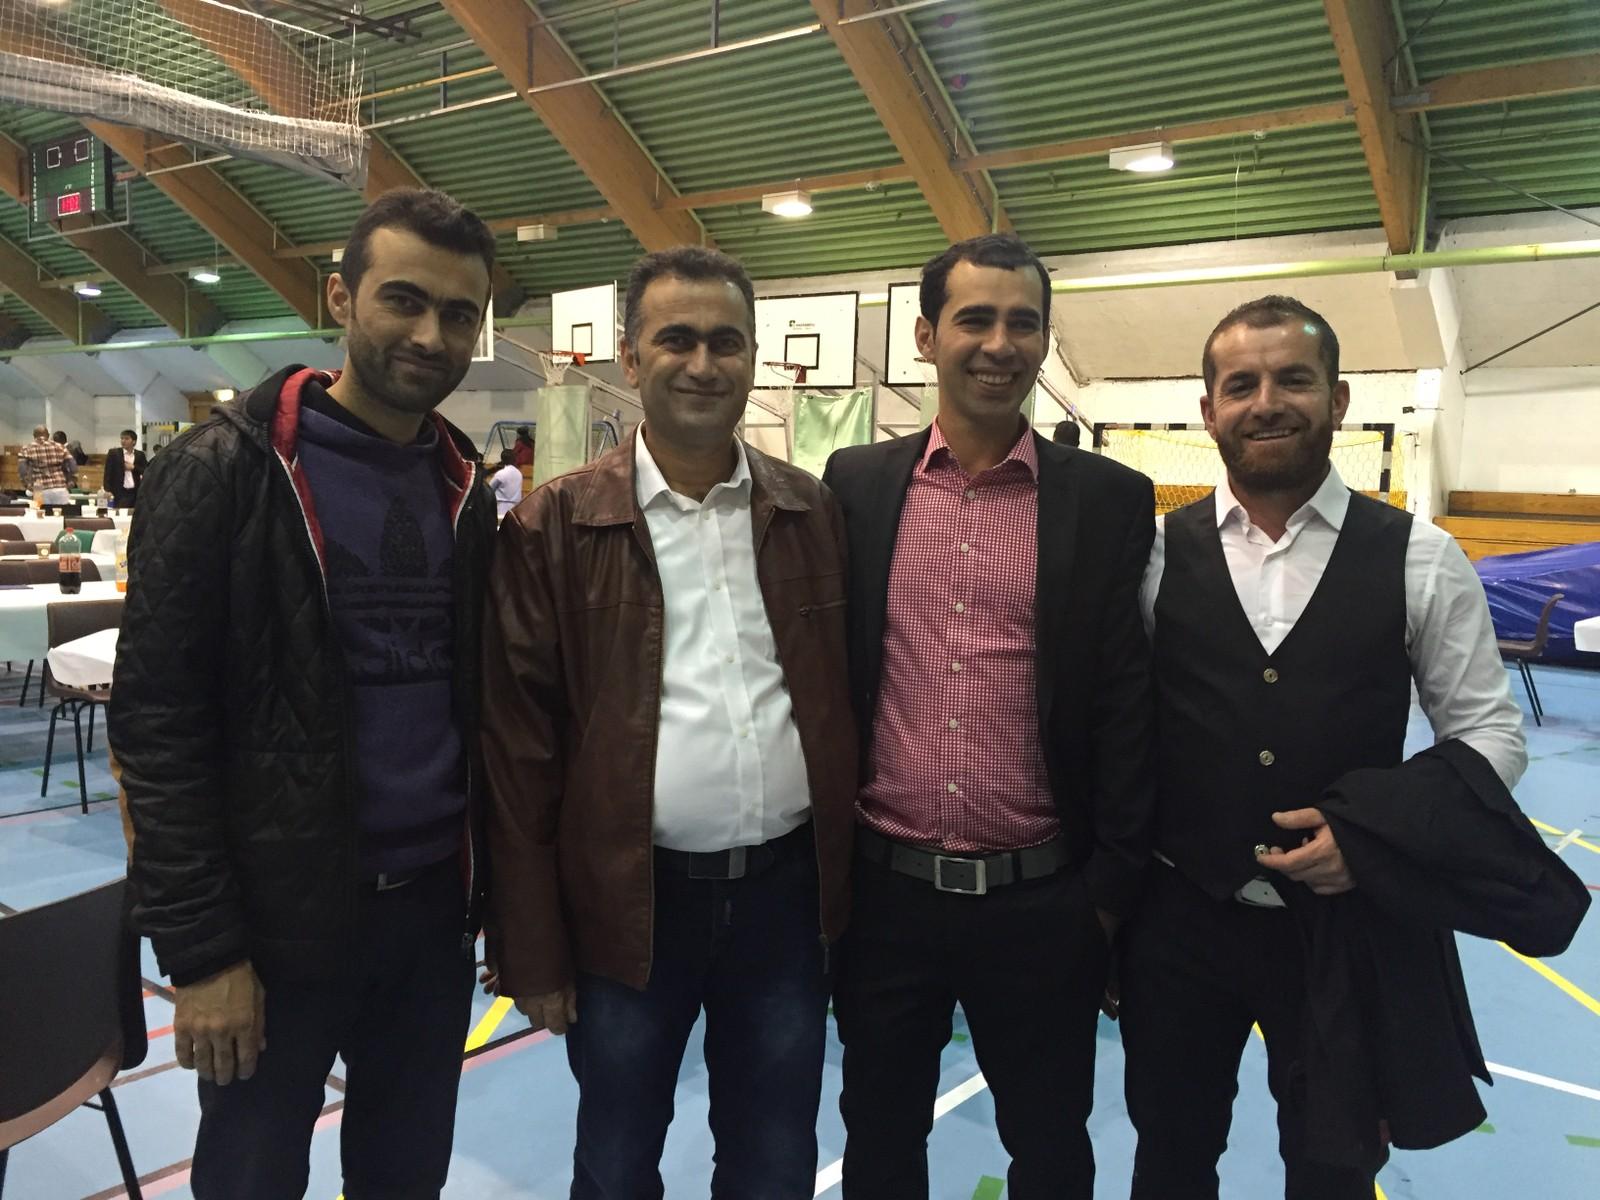 Ibrahim Khaled (lengst til venstre), Masoud Khaled, Mahir Rasul og Bakhitiar Fattah gledet seg til å feire dagen sammen med venner og familie.  - Det er en veldig trivelig dag med god mat og drikke. Vi besøker hverandre, ringer til familie og venner i andre land og koser oss, sier mennene.